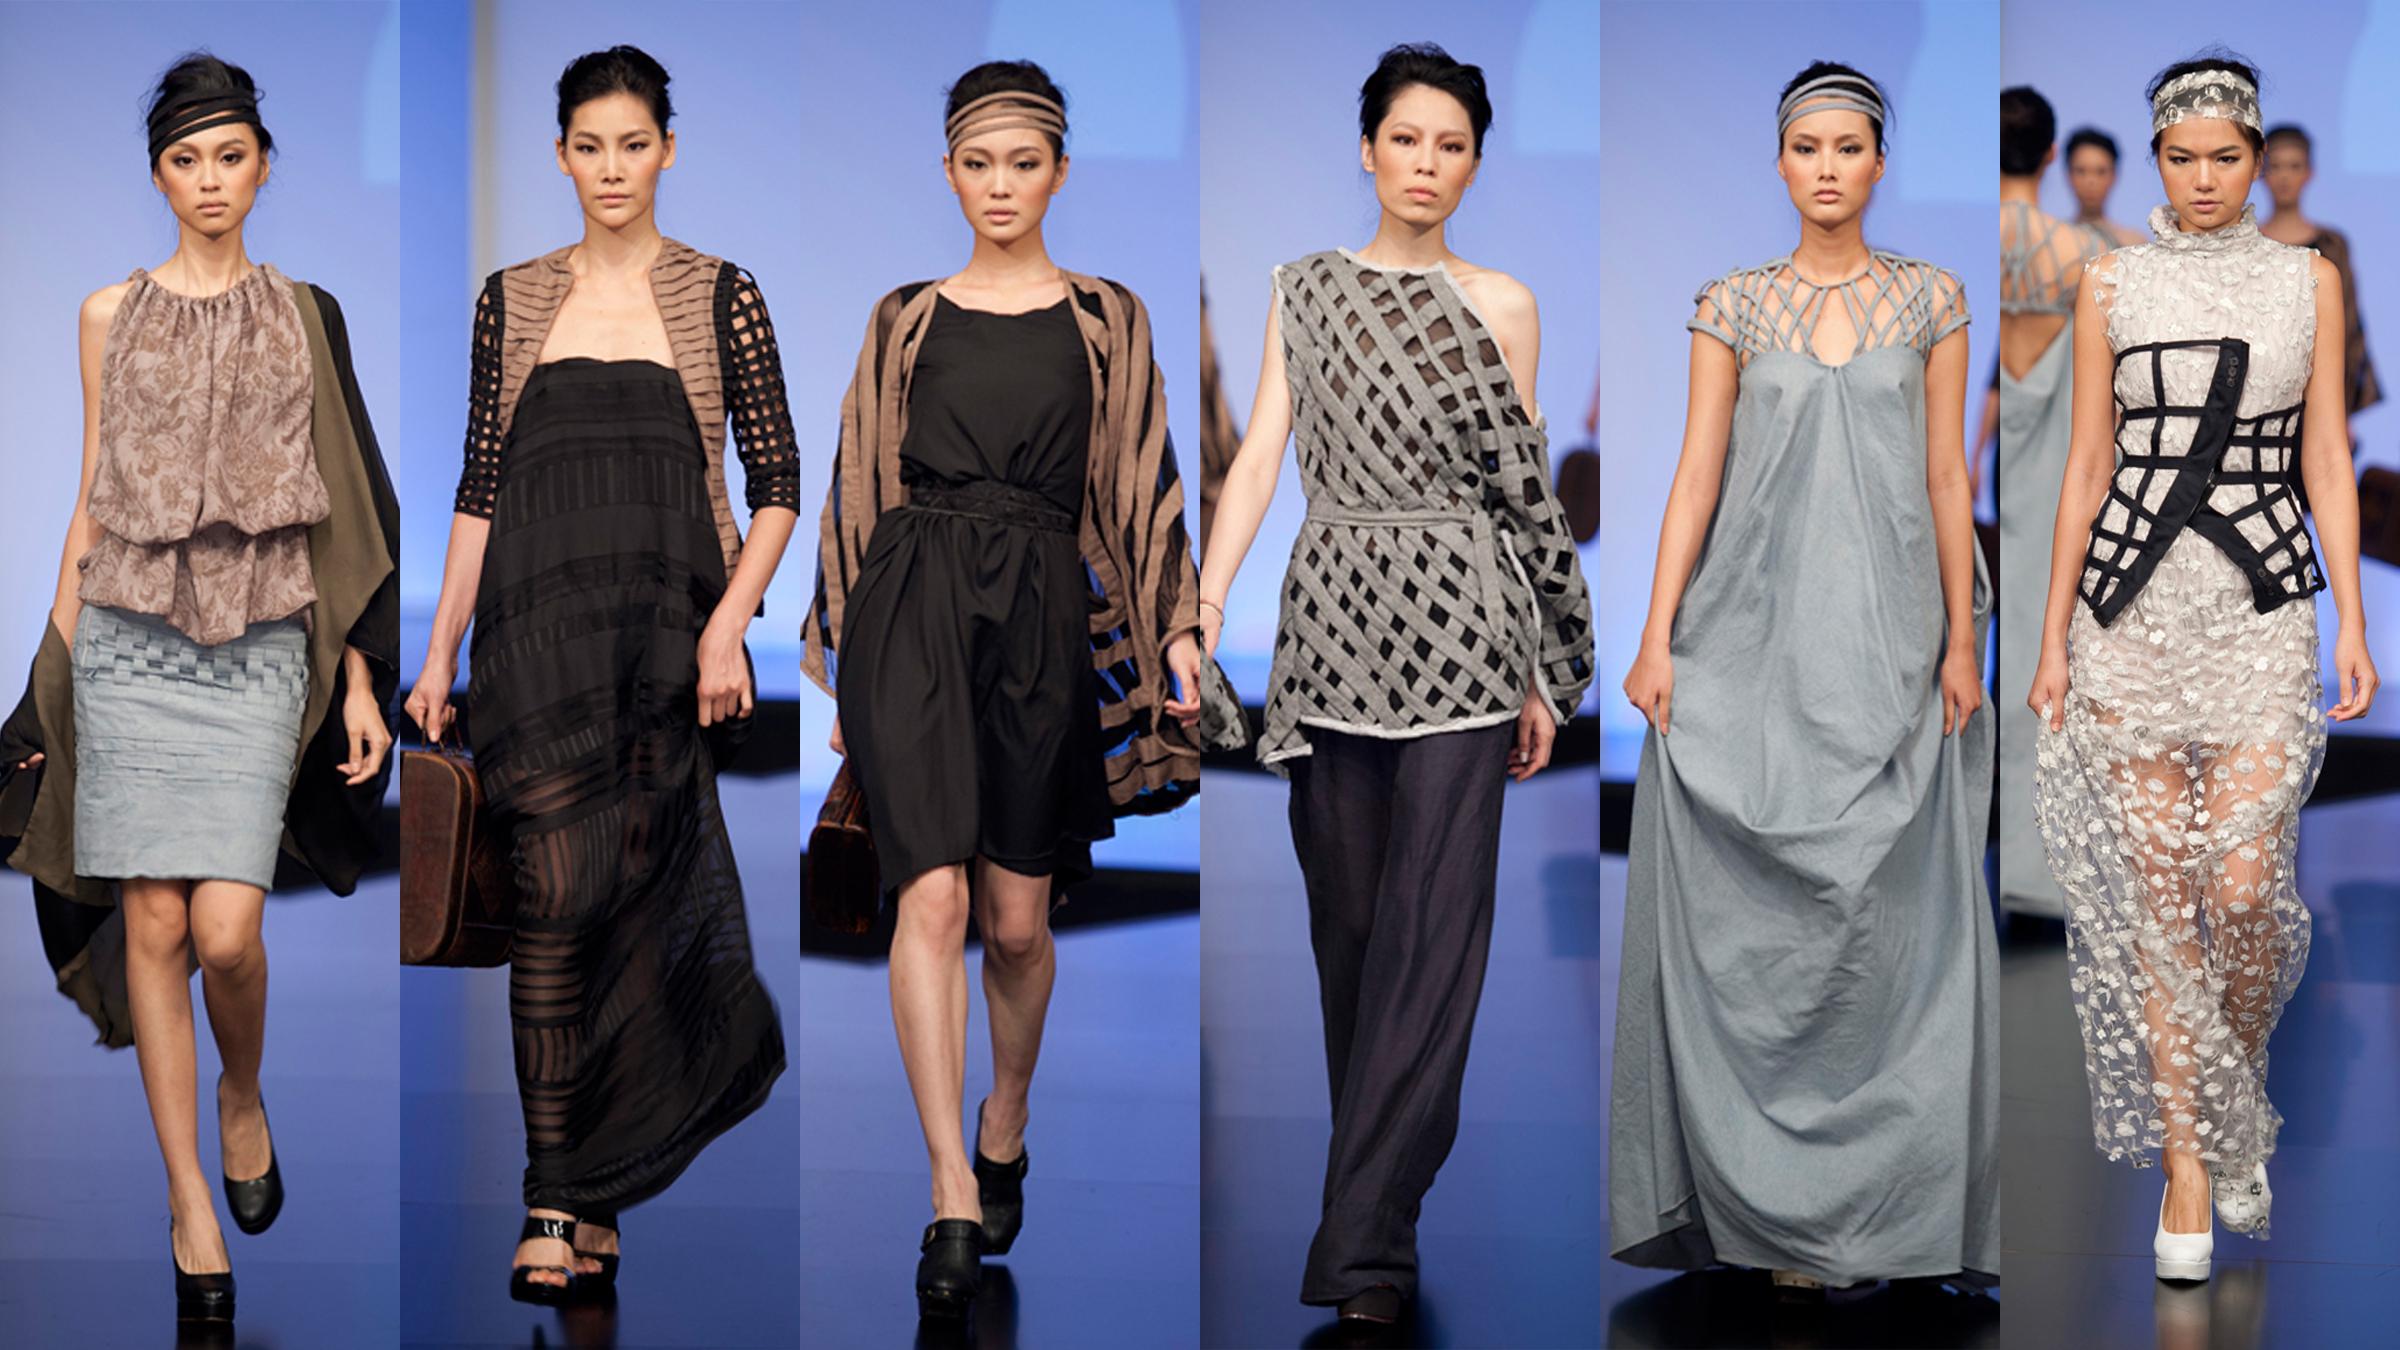 The EcoChic Design Award 2012 Hong Kong collection